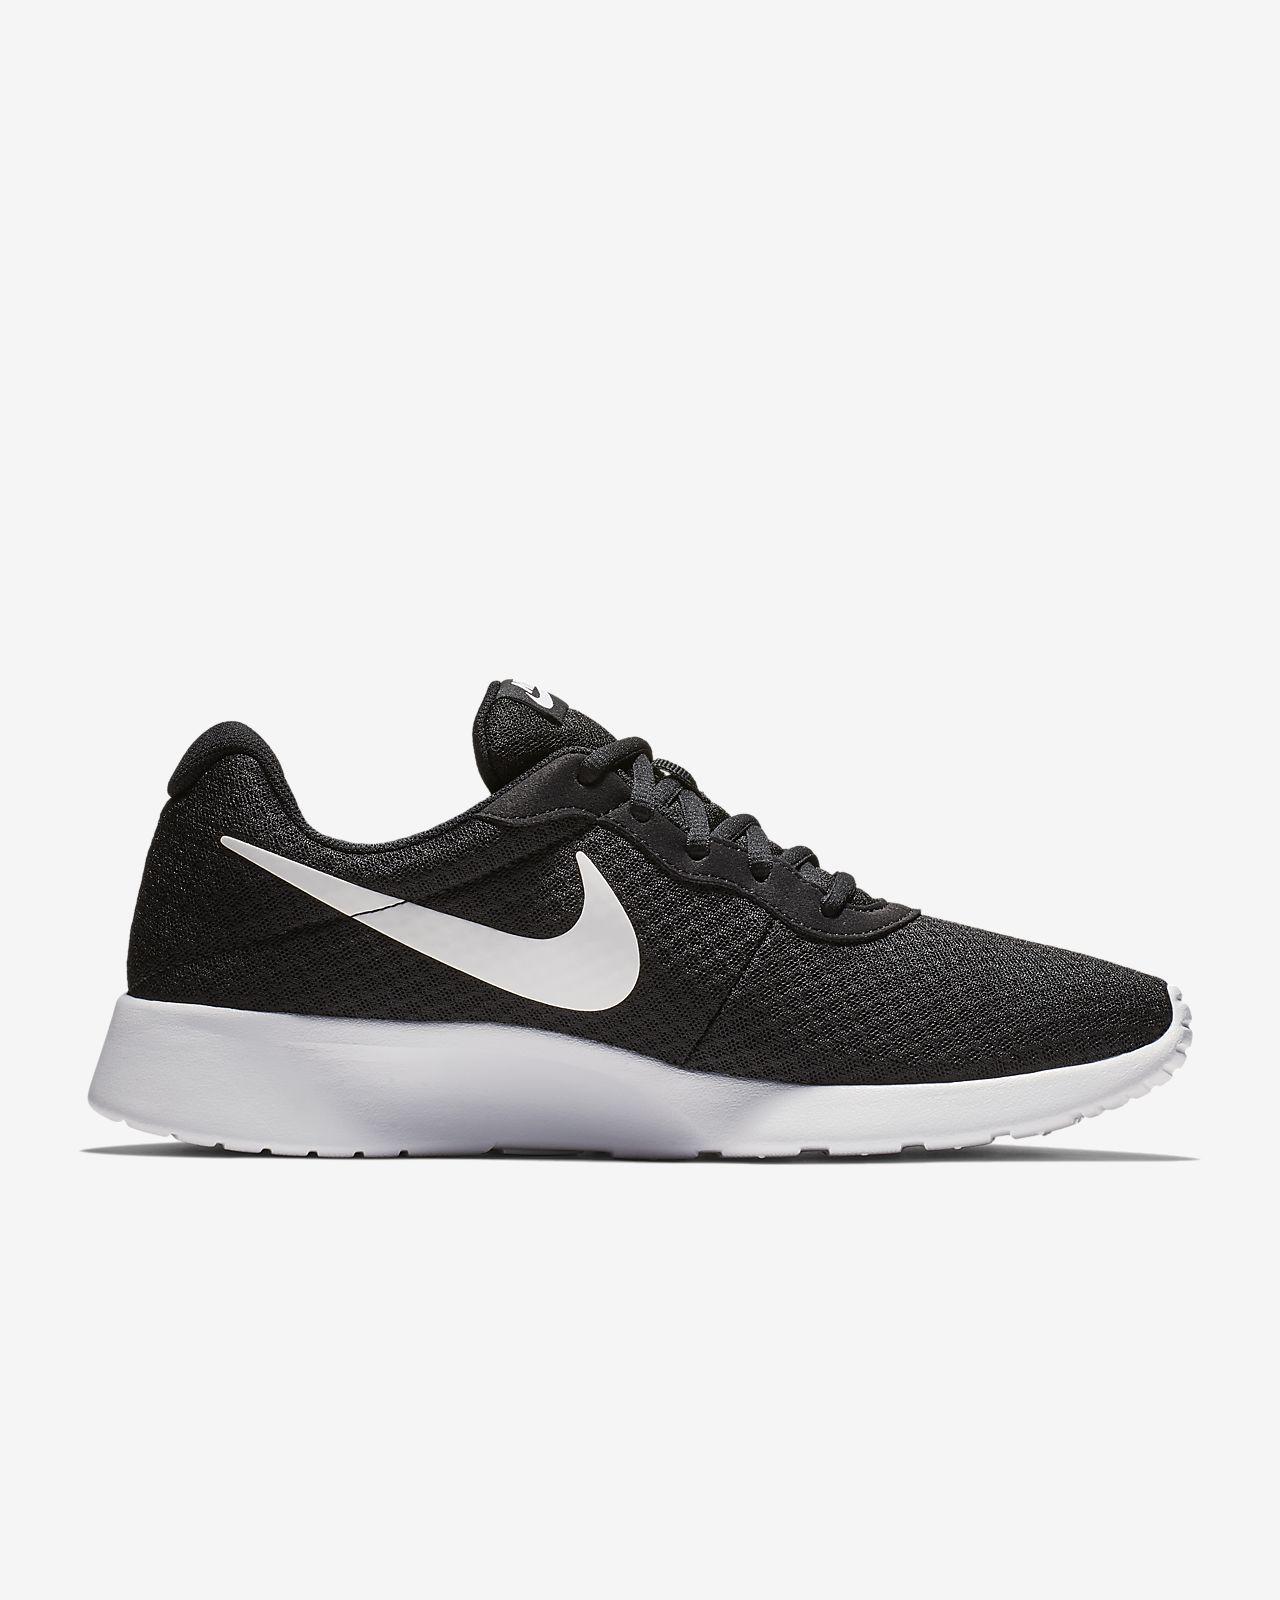 Latest nike shoes, Nike tanjun